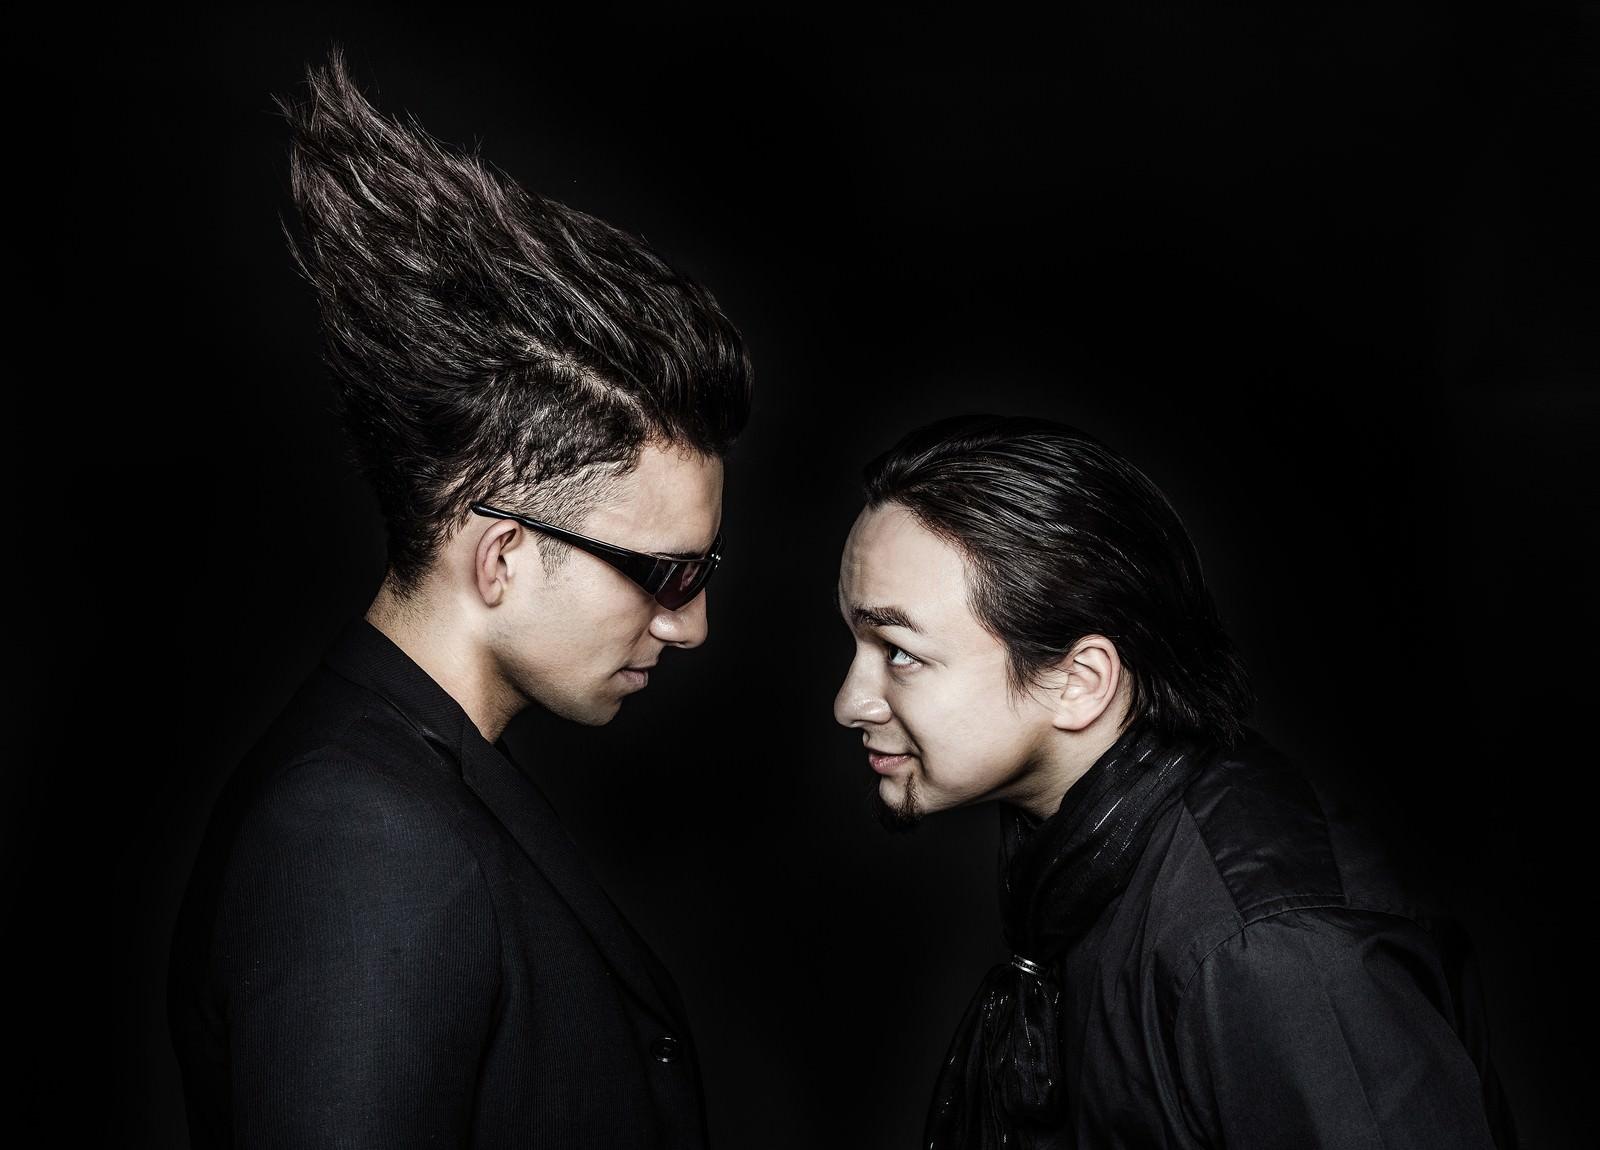 「検索順位のせめぎ合いをリアルに持ち込む同業の二人」の写真[モデル:Max_Ezaki カウアン]